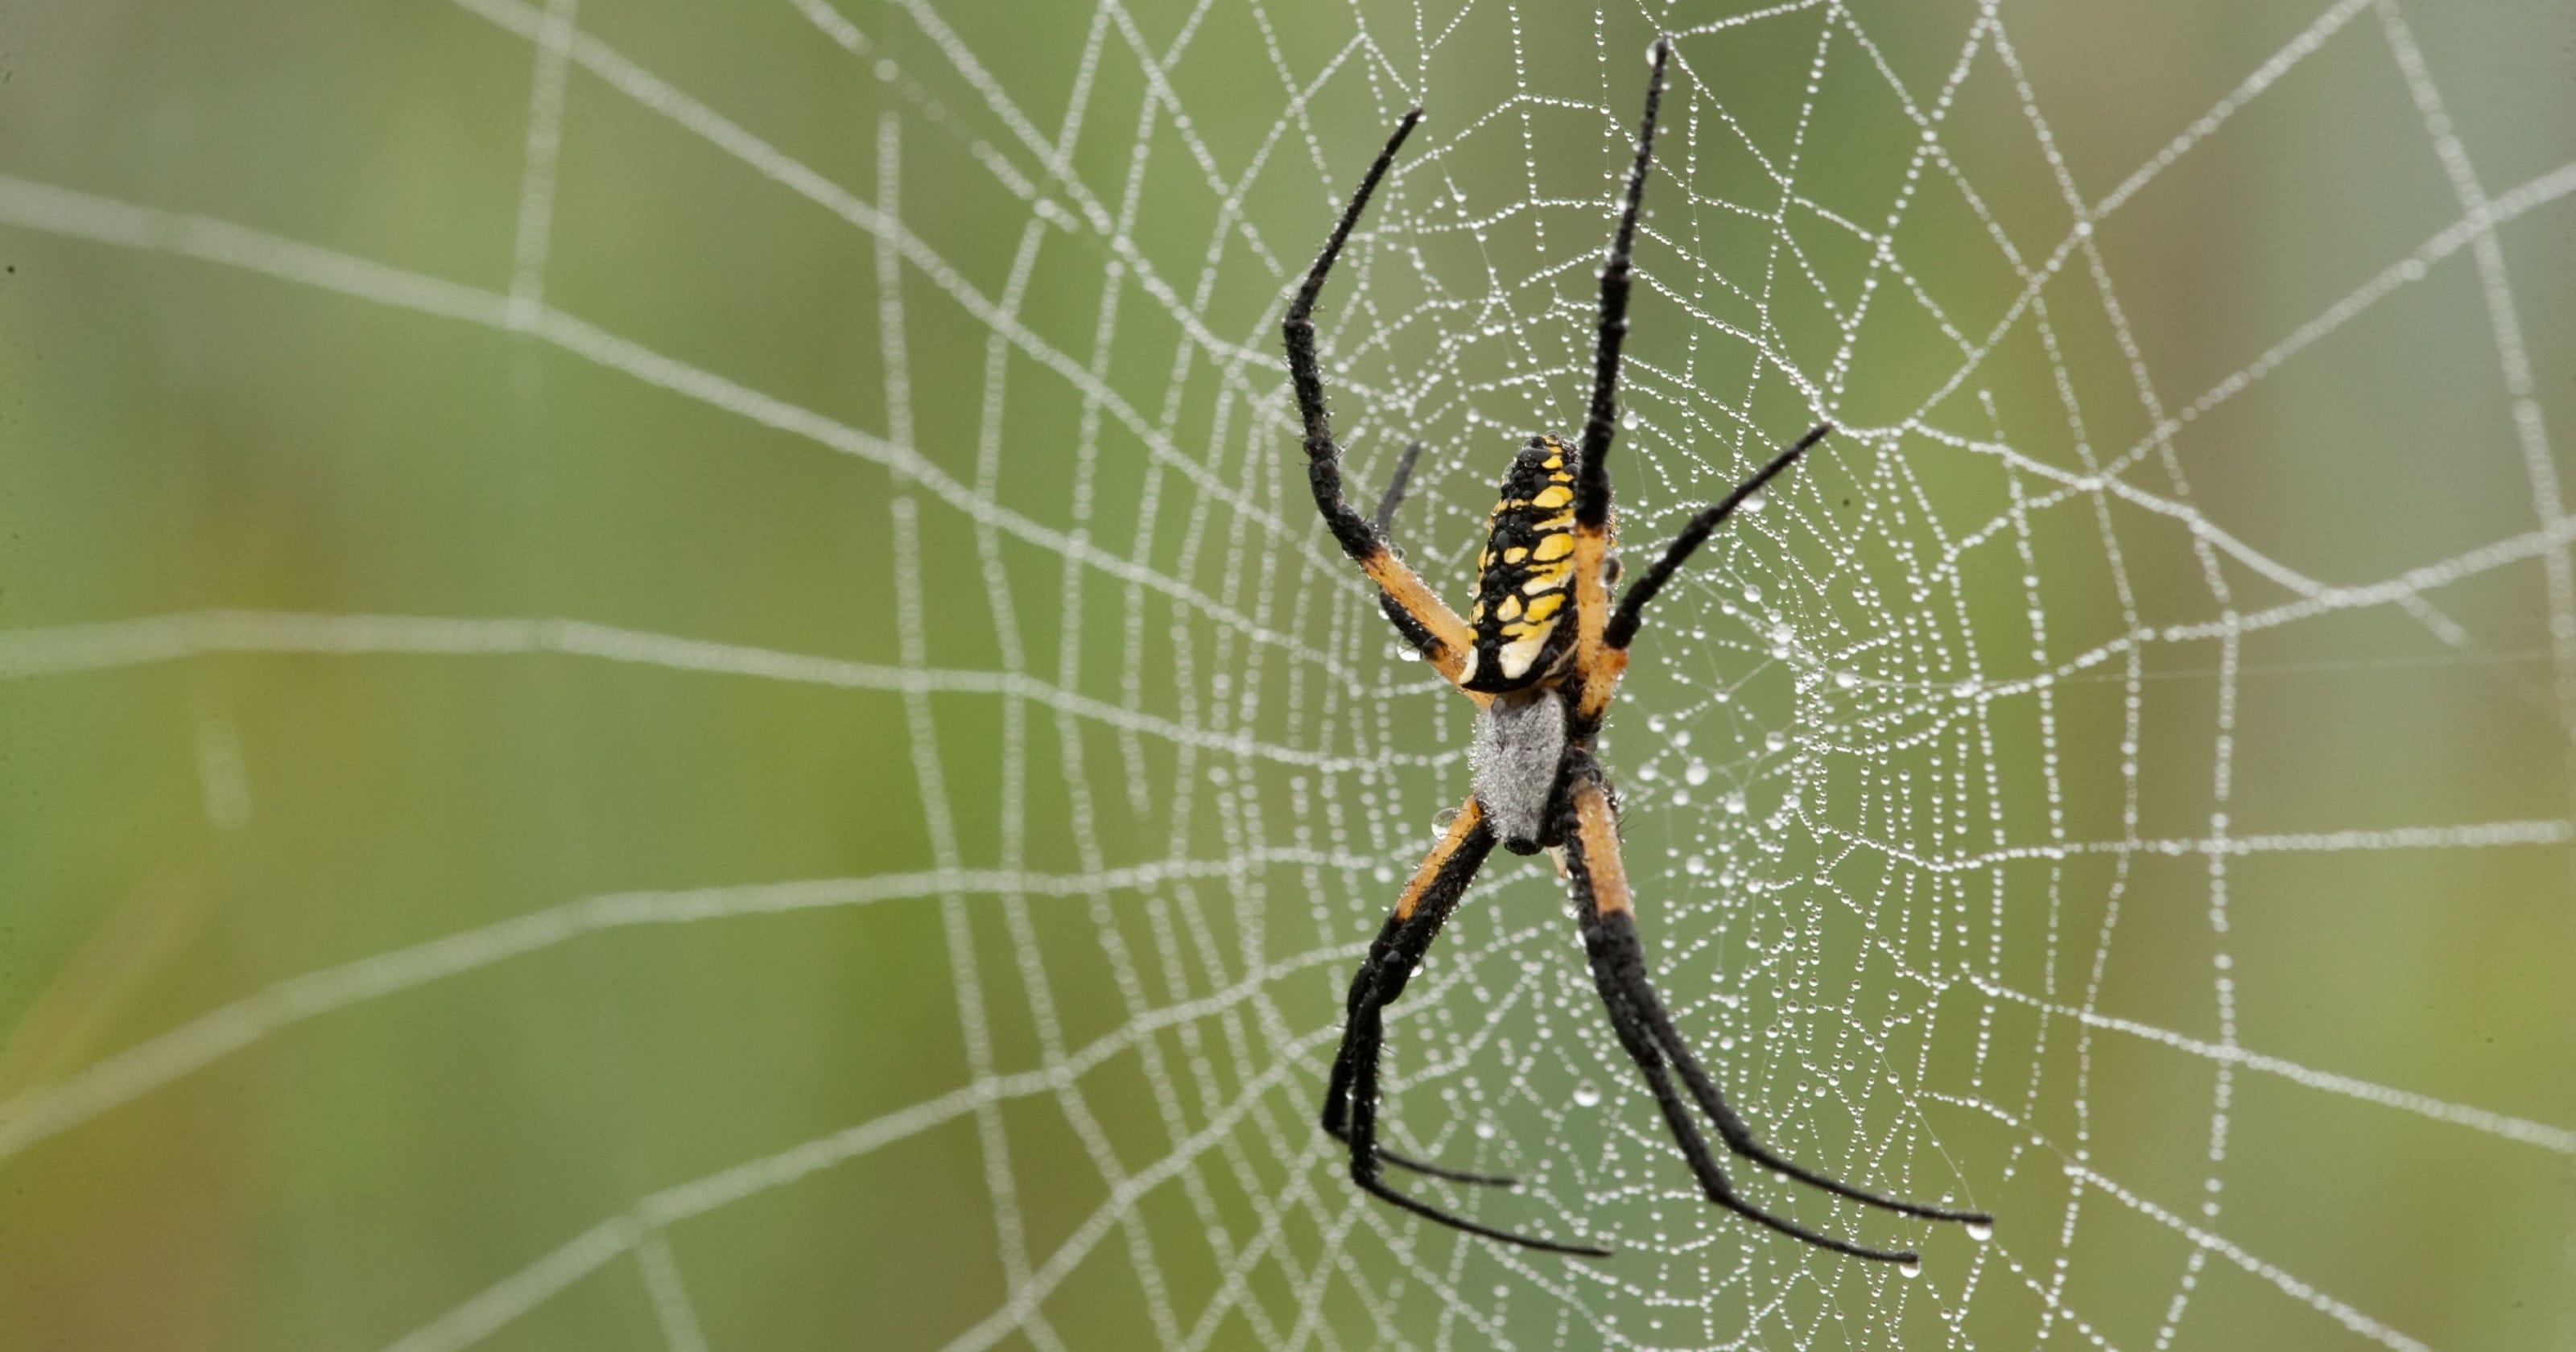 critter of the week yellow garden spider - Garden Spider